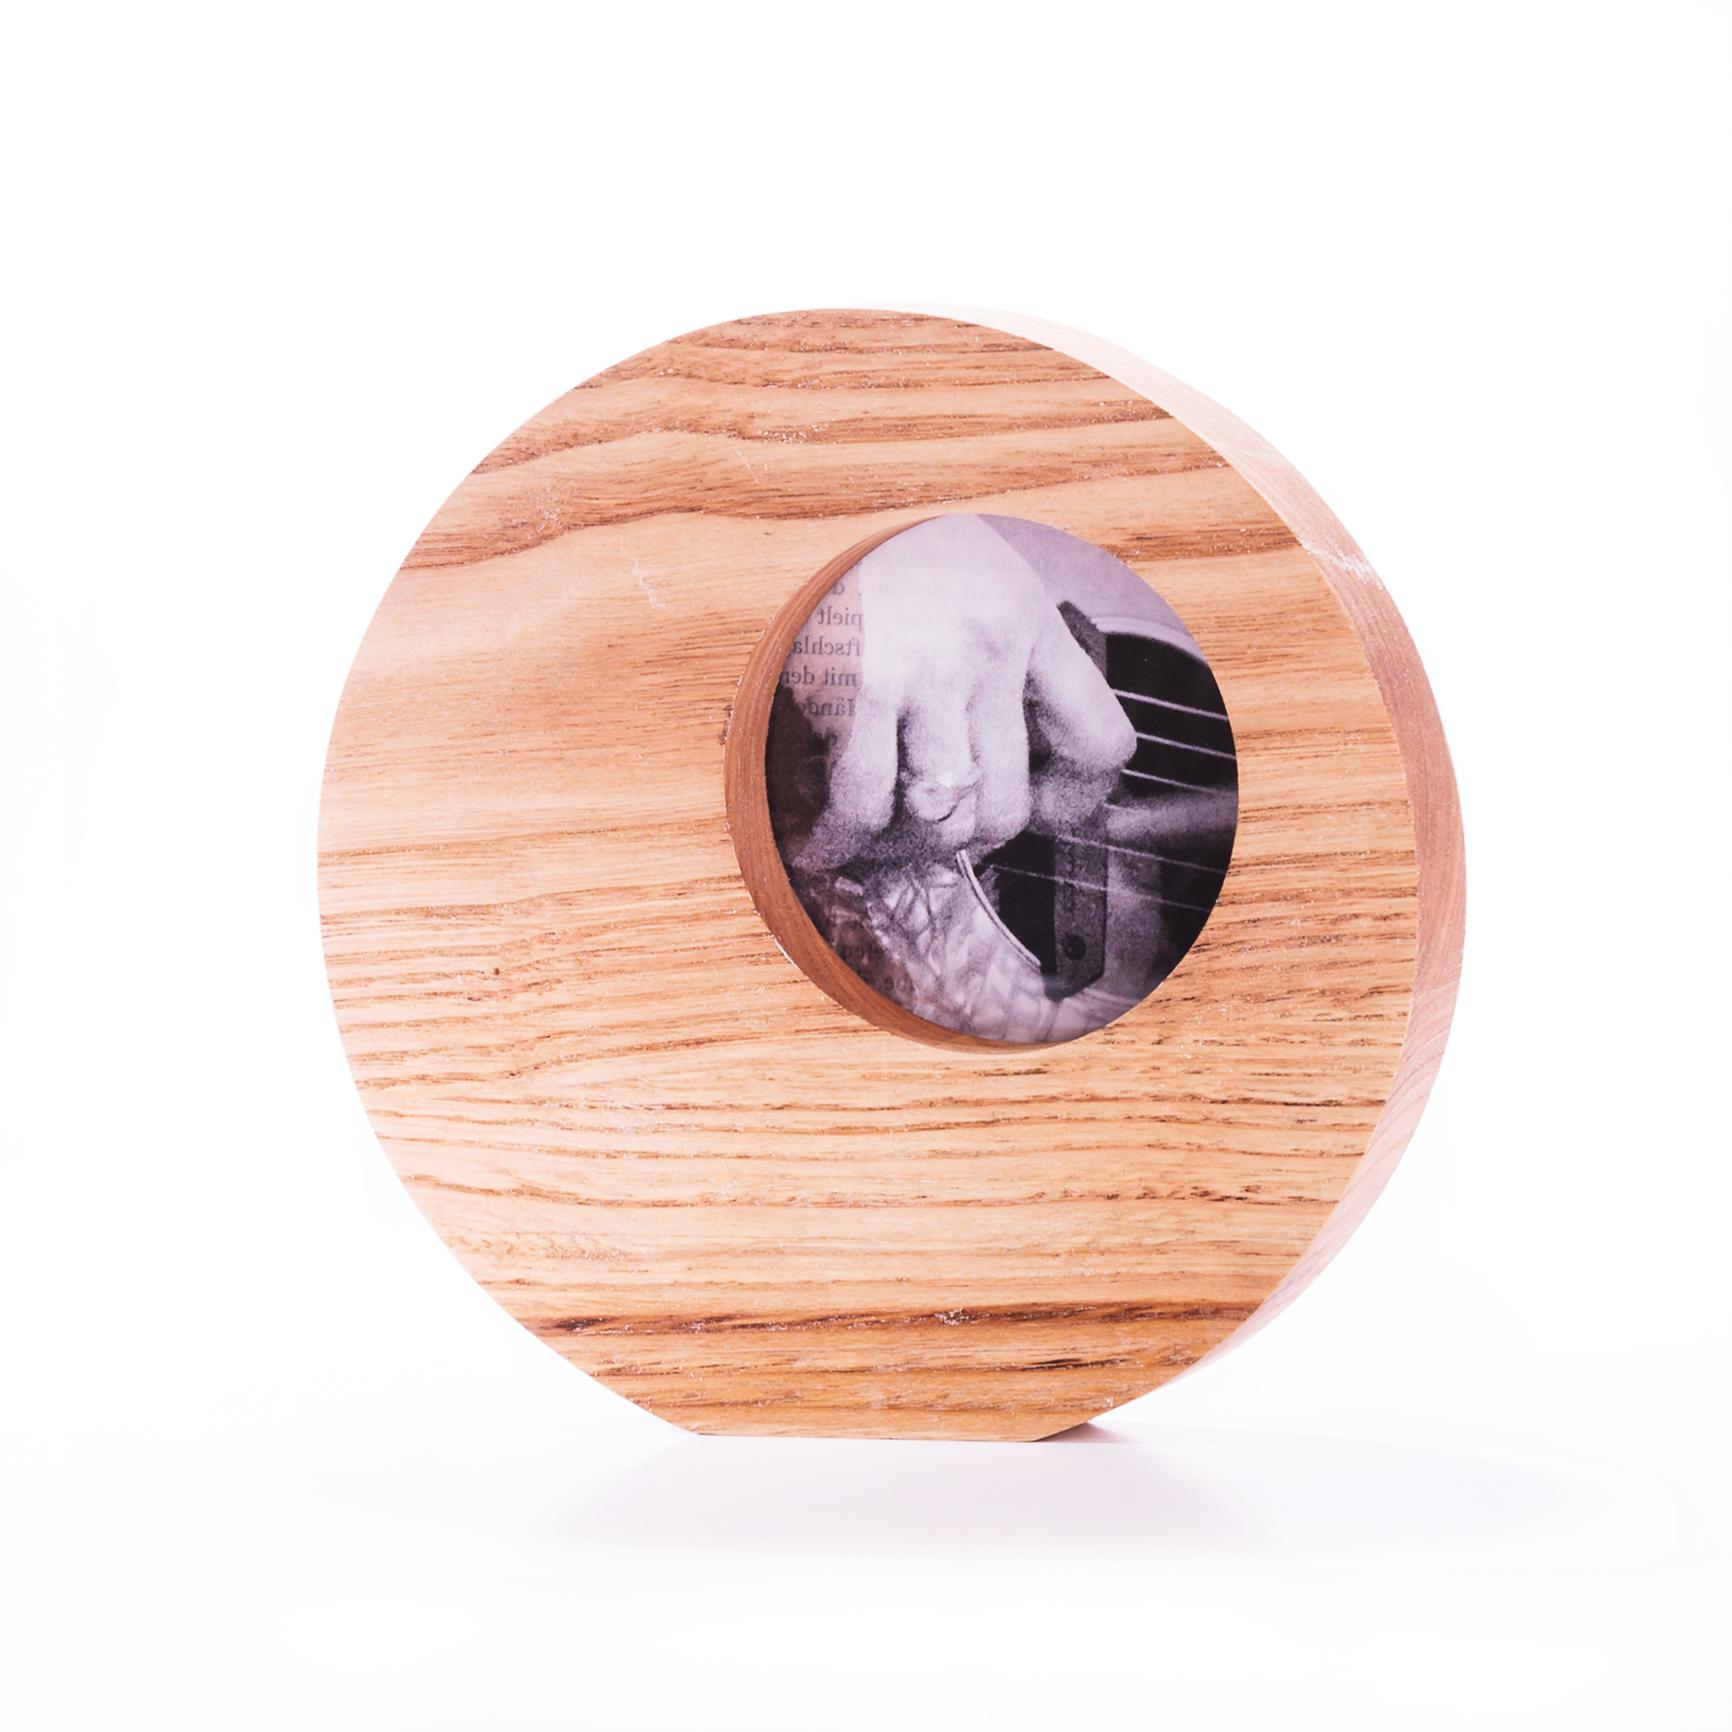 MADERA NATURAL - Trabajamos con múltiples maderas para encontrar la calidez que conecta contigo.Nuestras favoritas, el castaño y el roble.Aplicamos un acabado muy natural, cera o aceite, para disfrutar del tacto de la pieza.